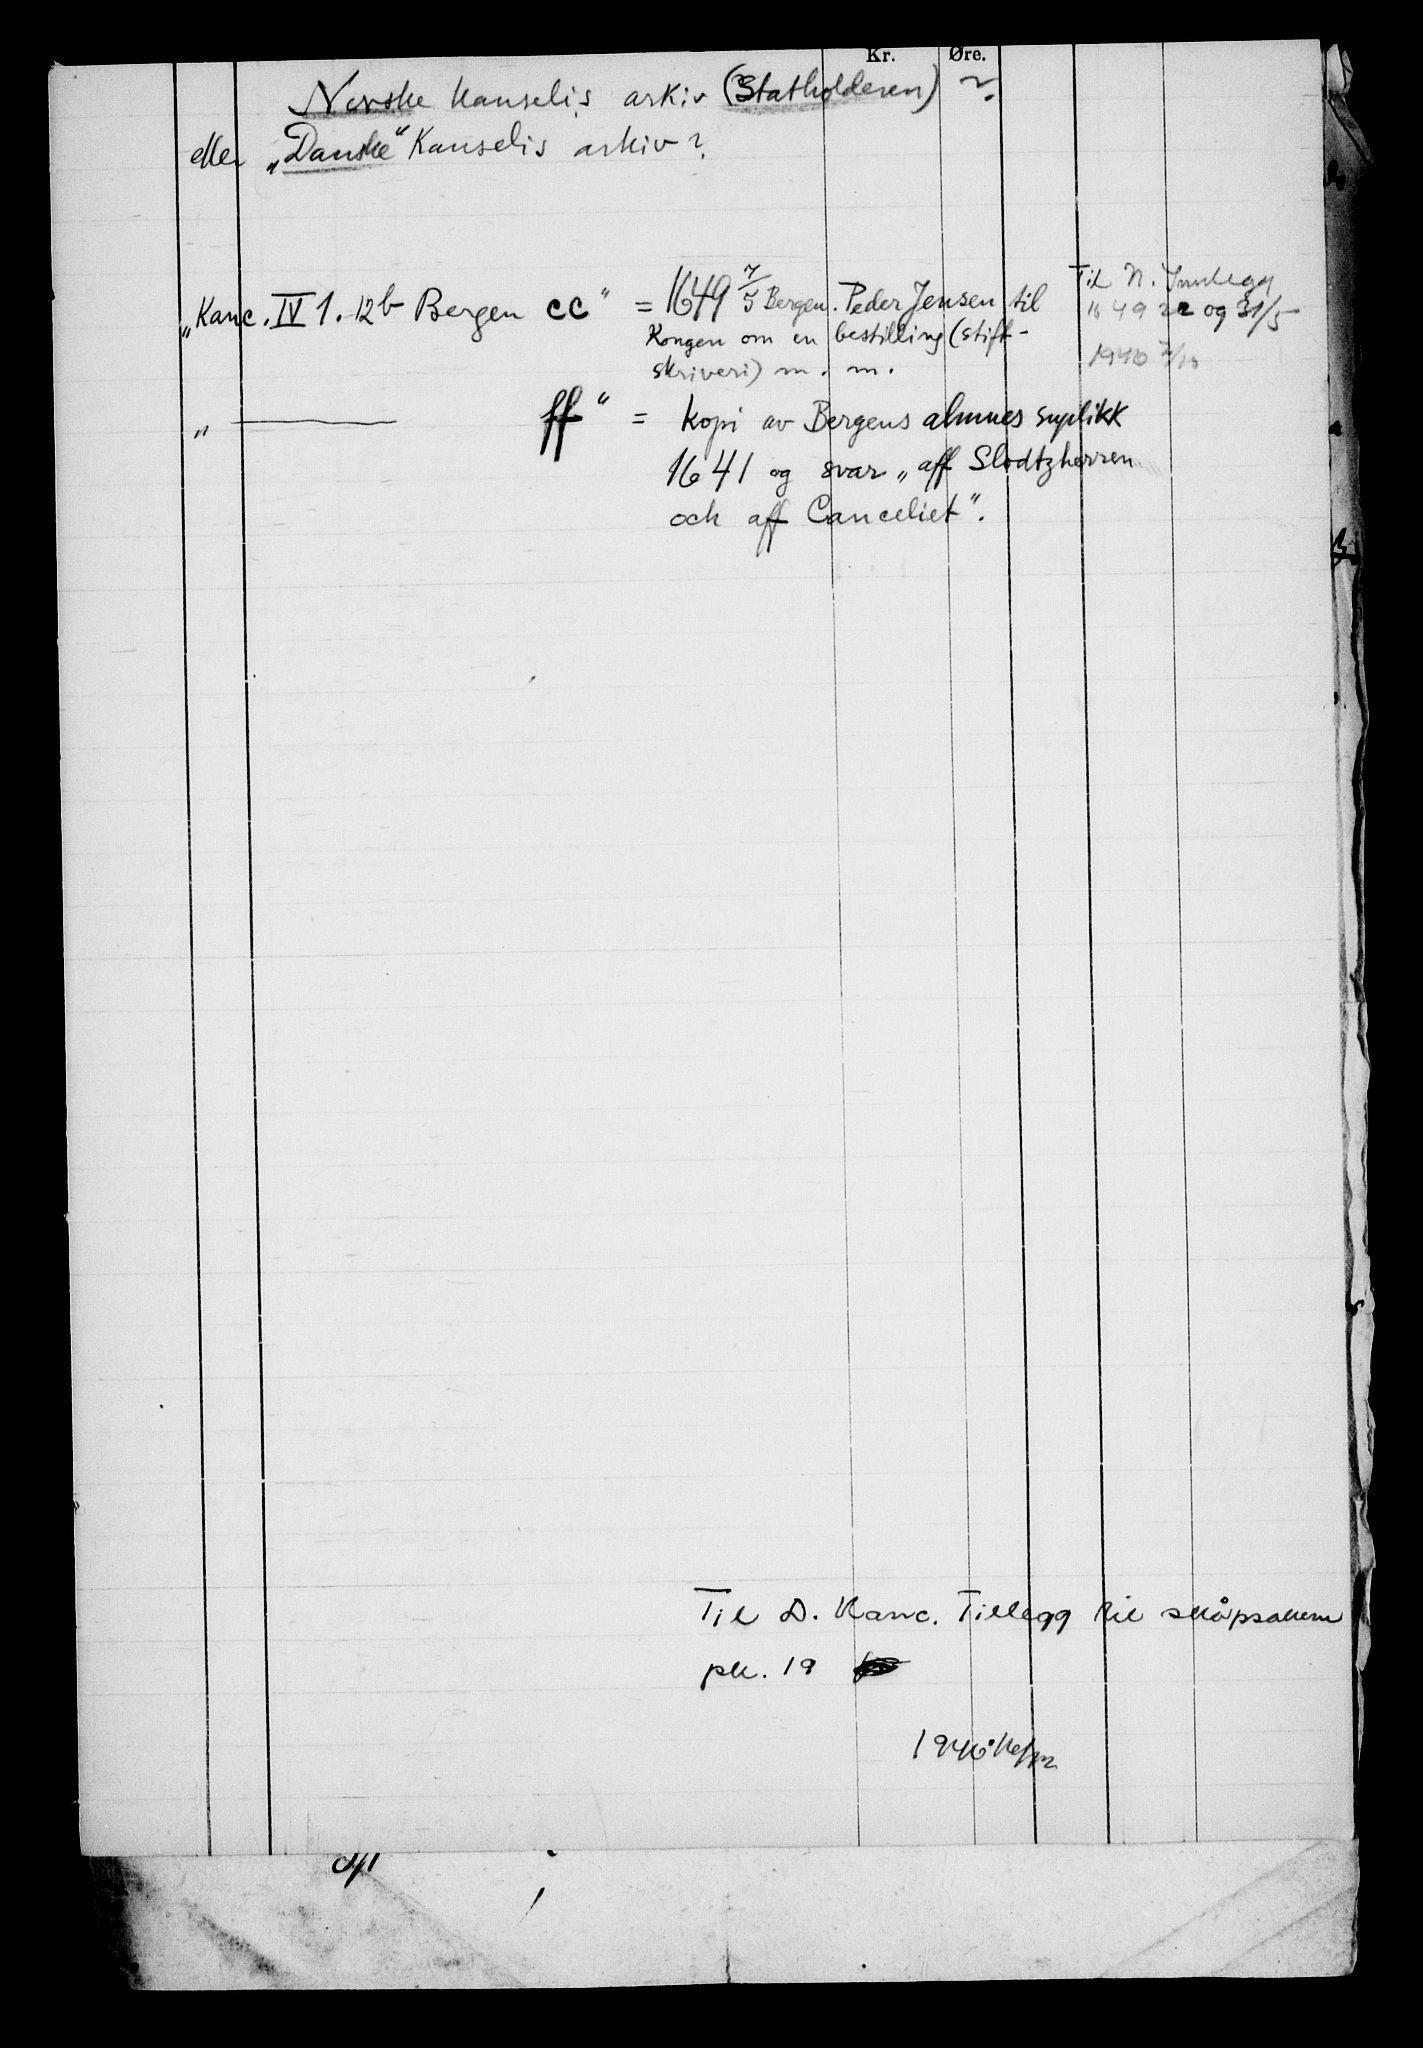 RA, Danske Kanselli, Skapsaker, G/L0019: Tillegg til skapsakene, 1616-1753, s. 108